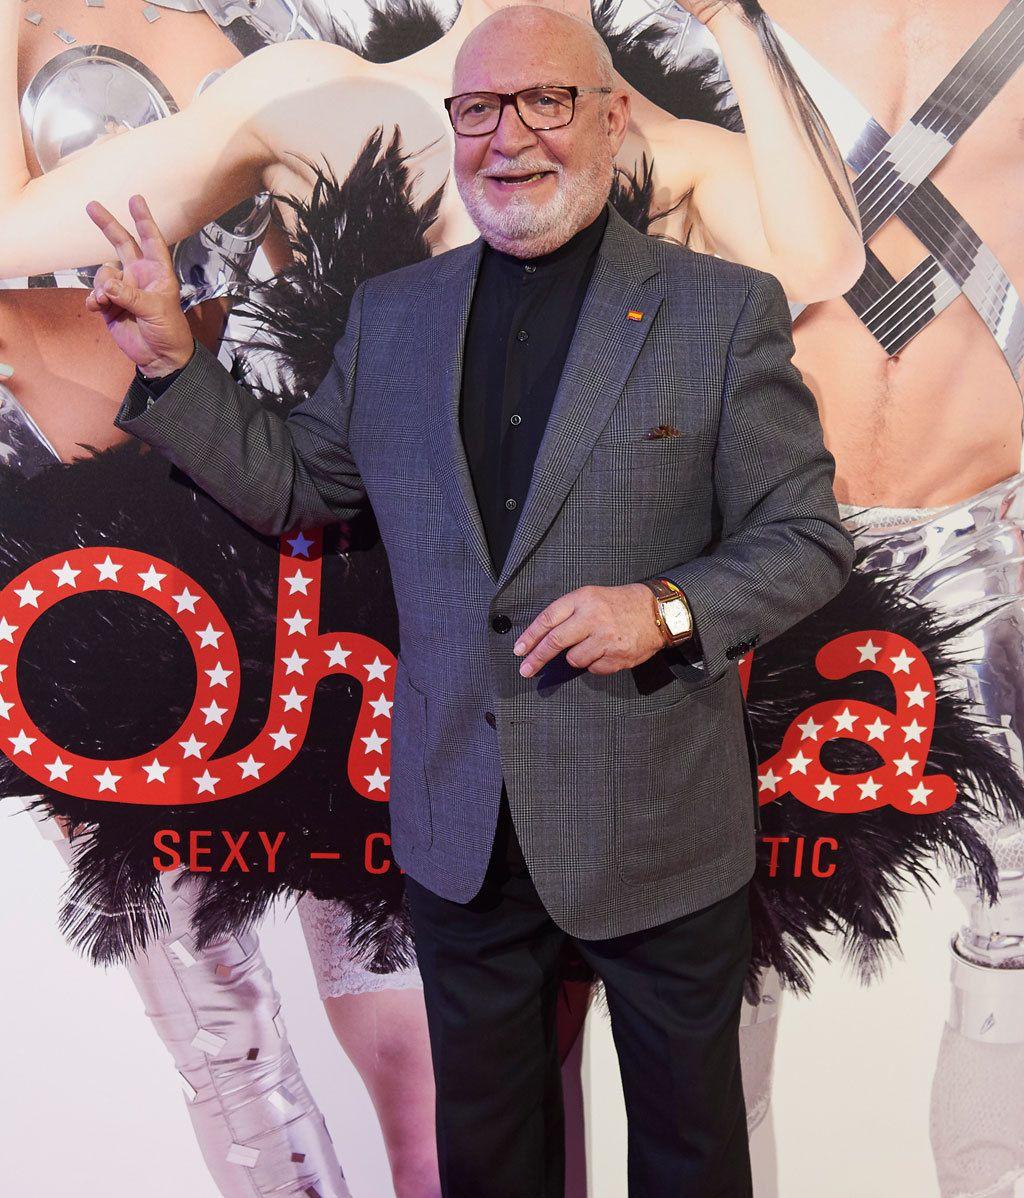 El estreno del espectáculo 'Ohlala' reúne a un gran número de famosos